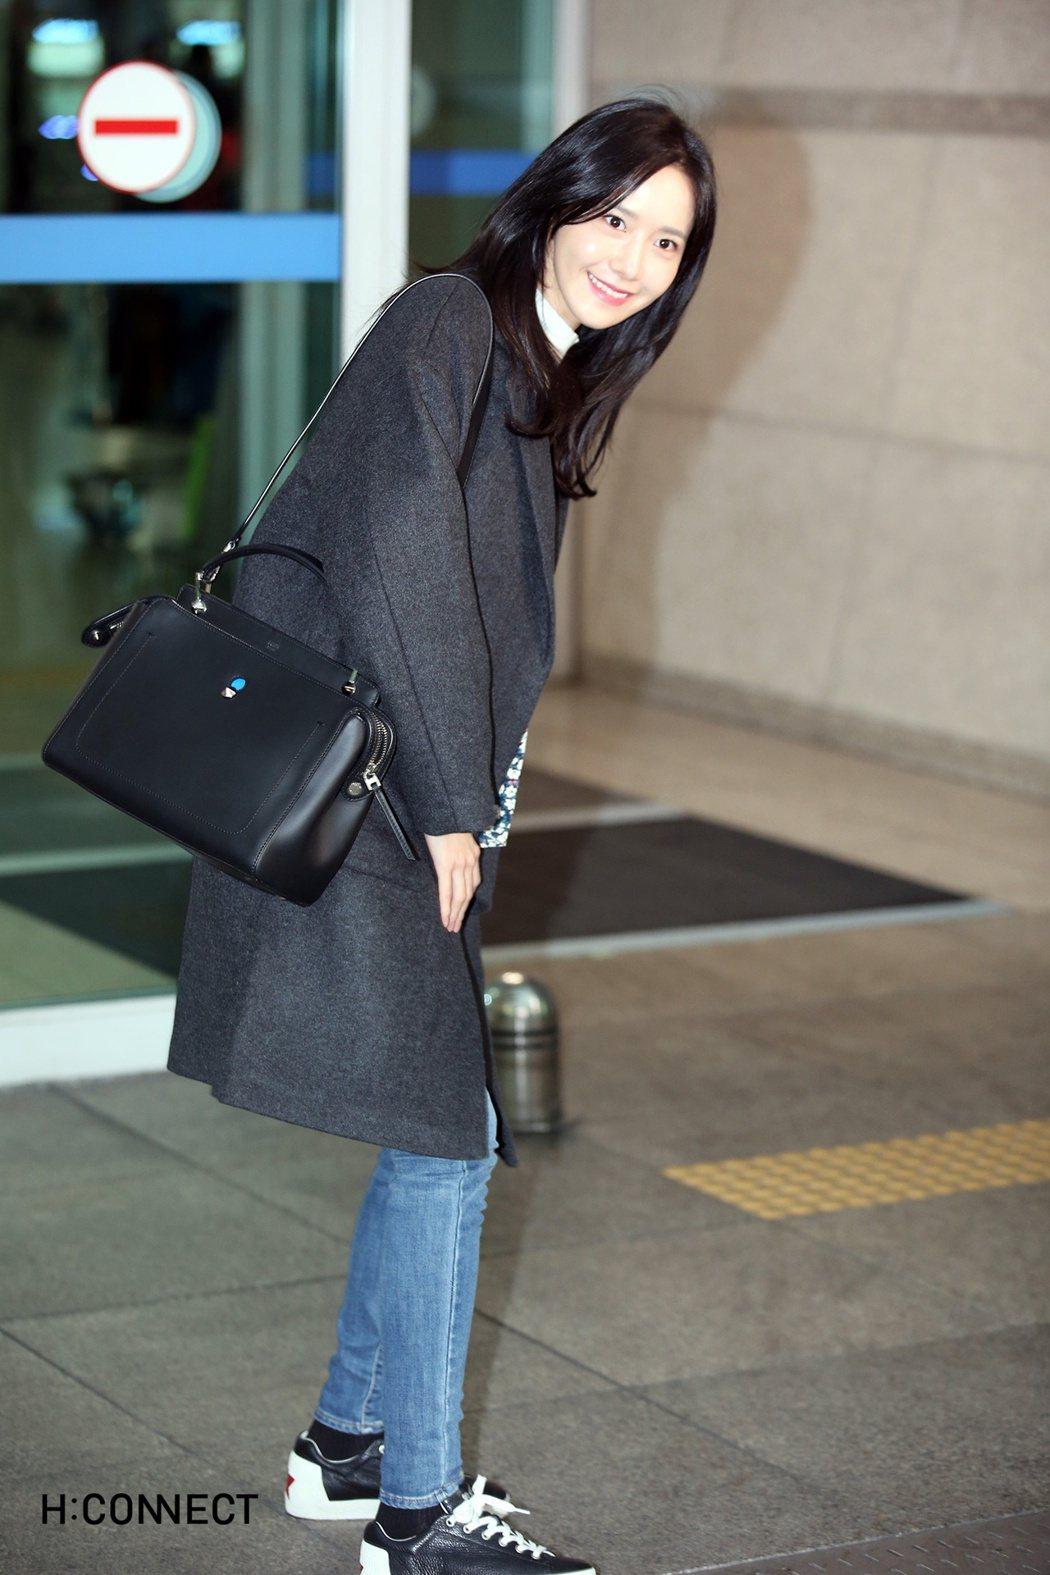 潤娥穿韓國平價服飾H:CONNECT飛抵台灣。圖/H:CONNECT提供